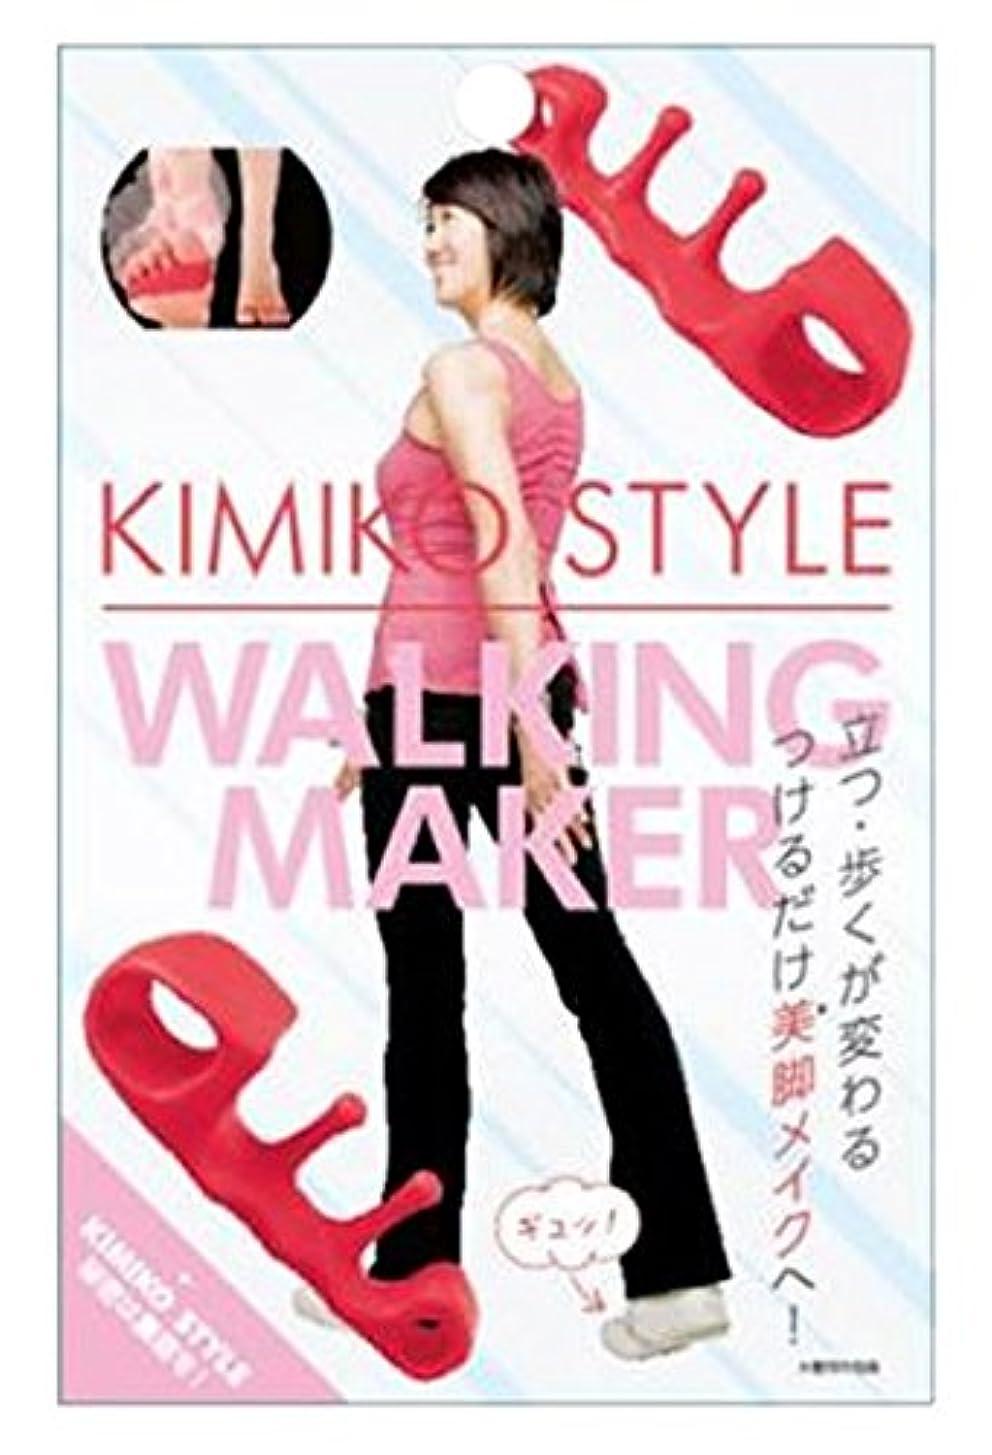 意志ポケット巻き取りKIMIKO STYLE WALKING MAKER キミコスタイルウォーキングメーカー